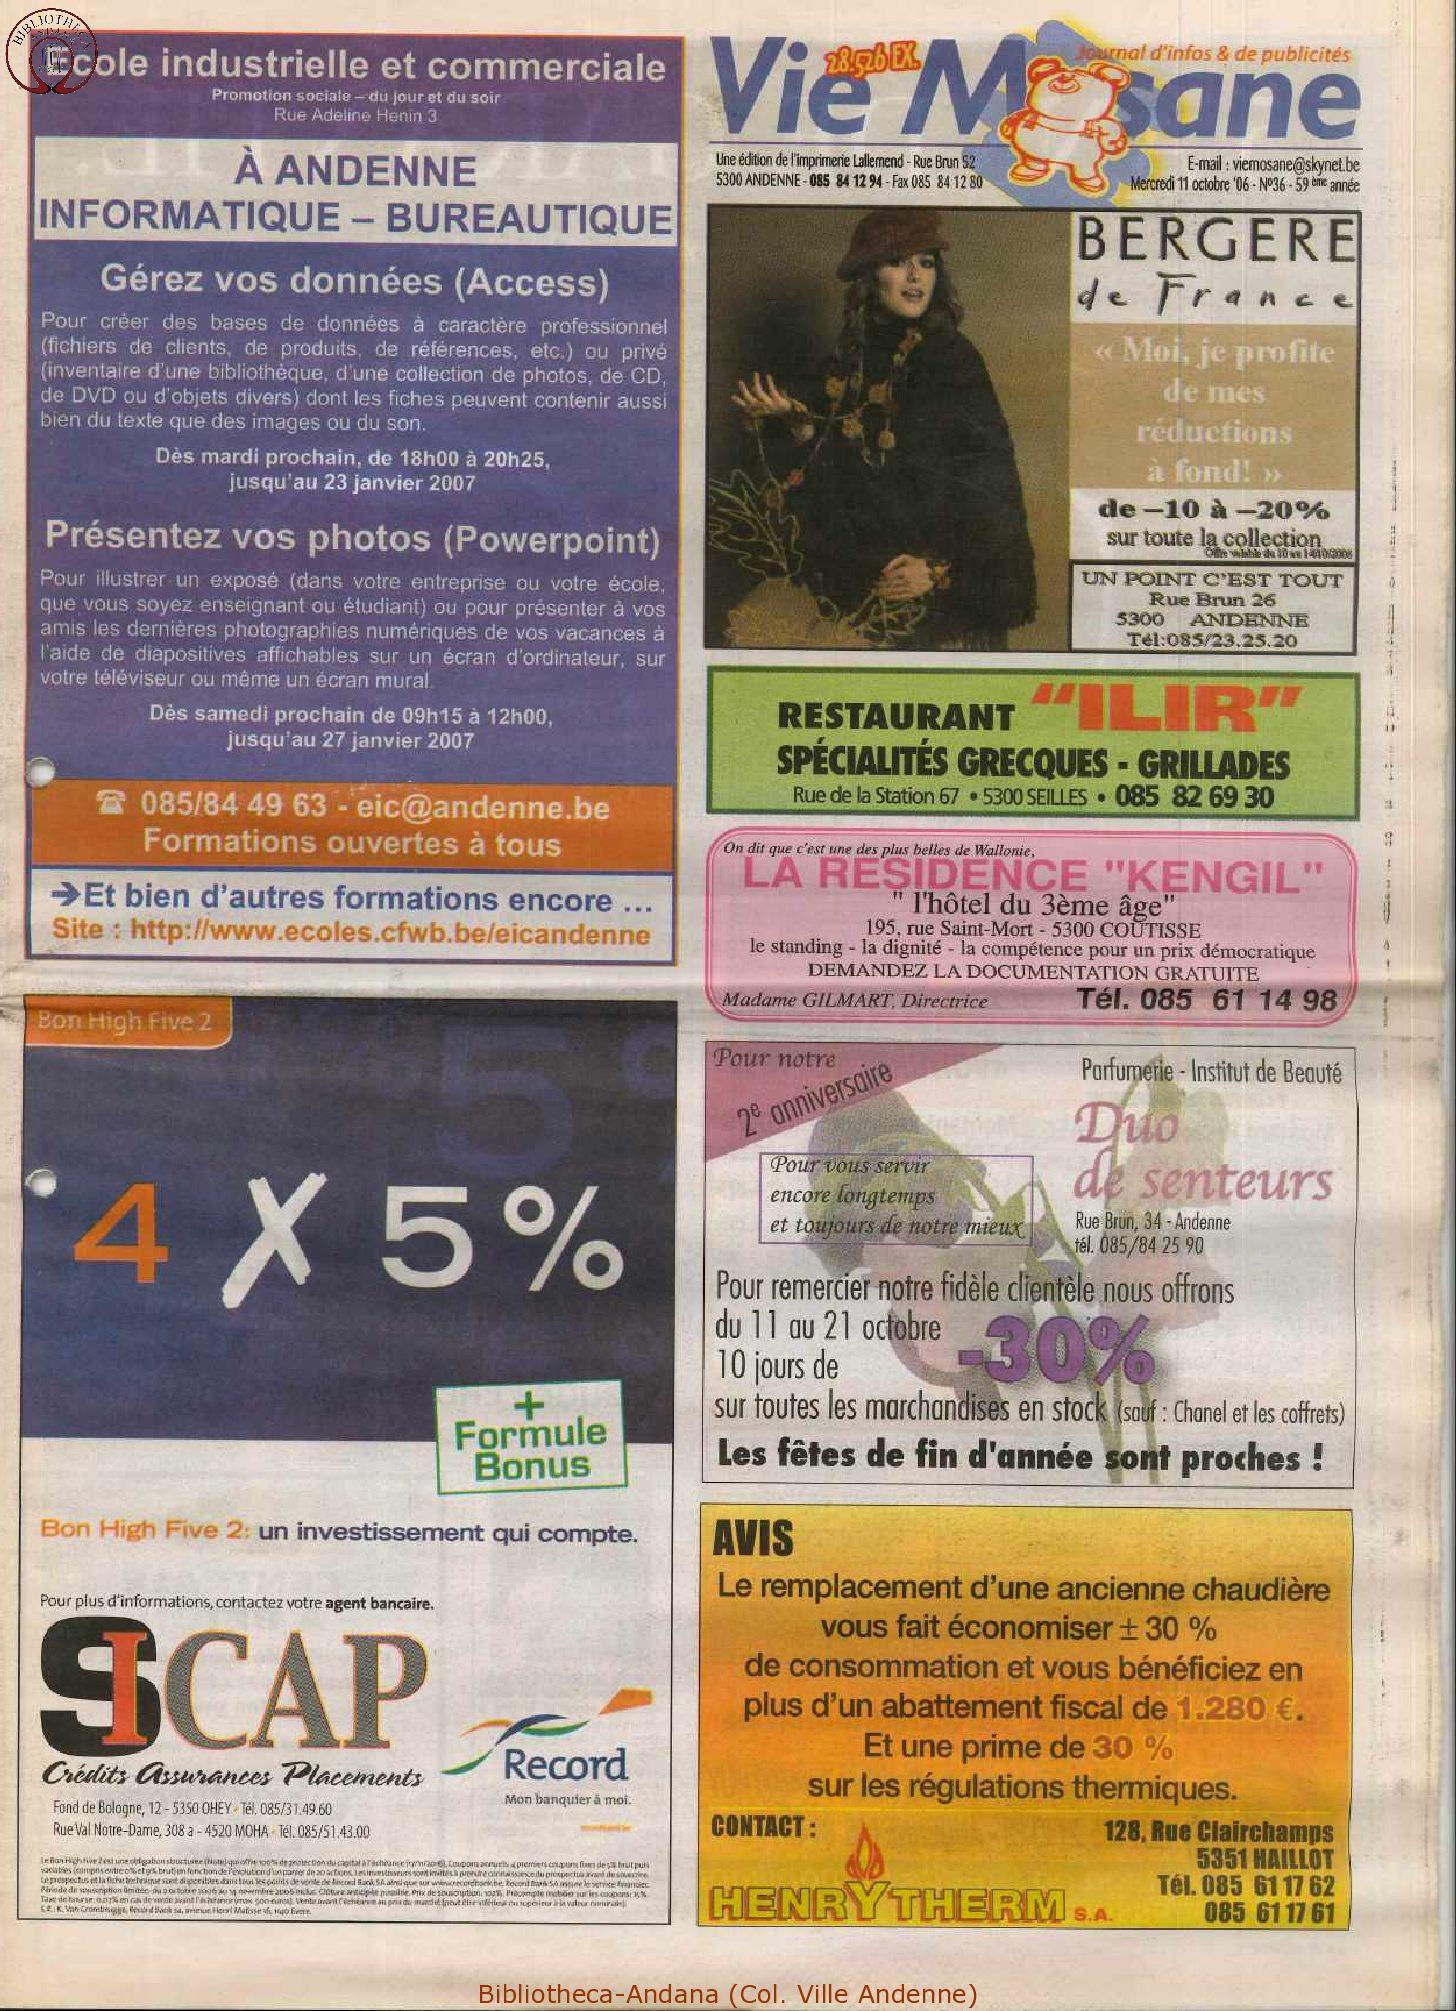 59e année - n°36 - 11 octobre 2006